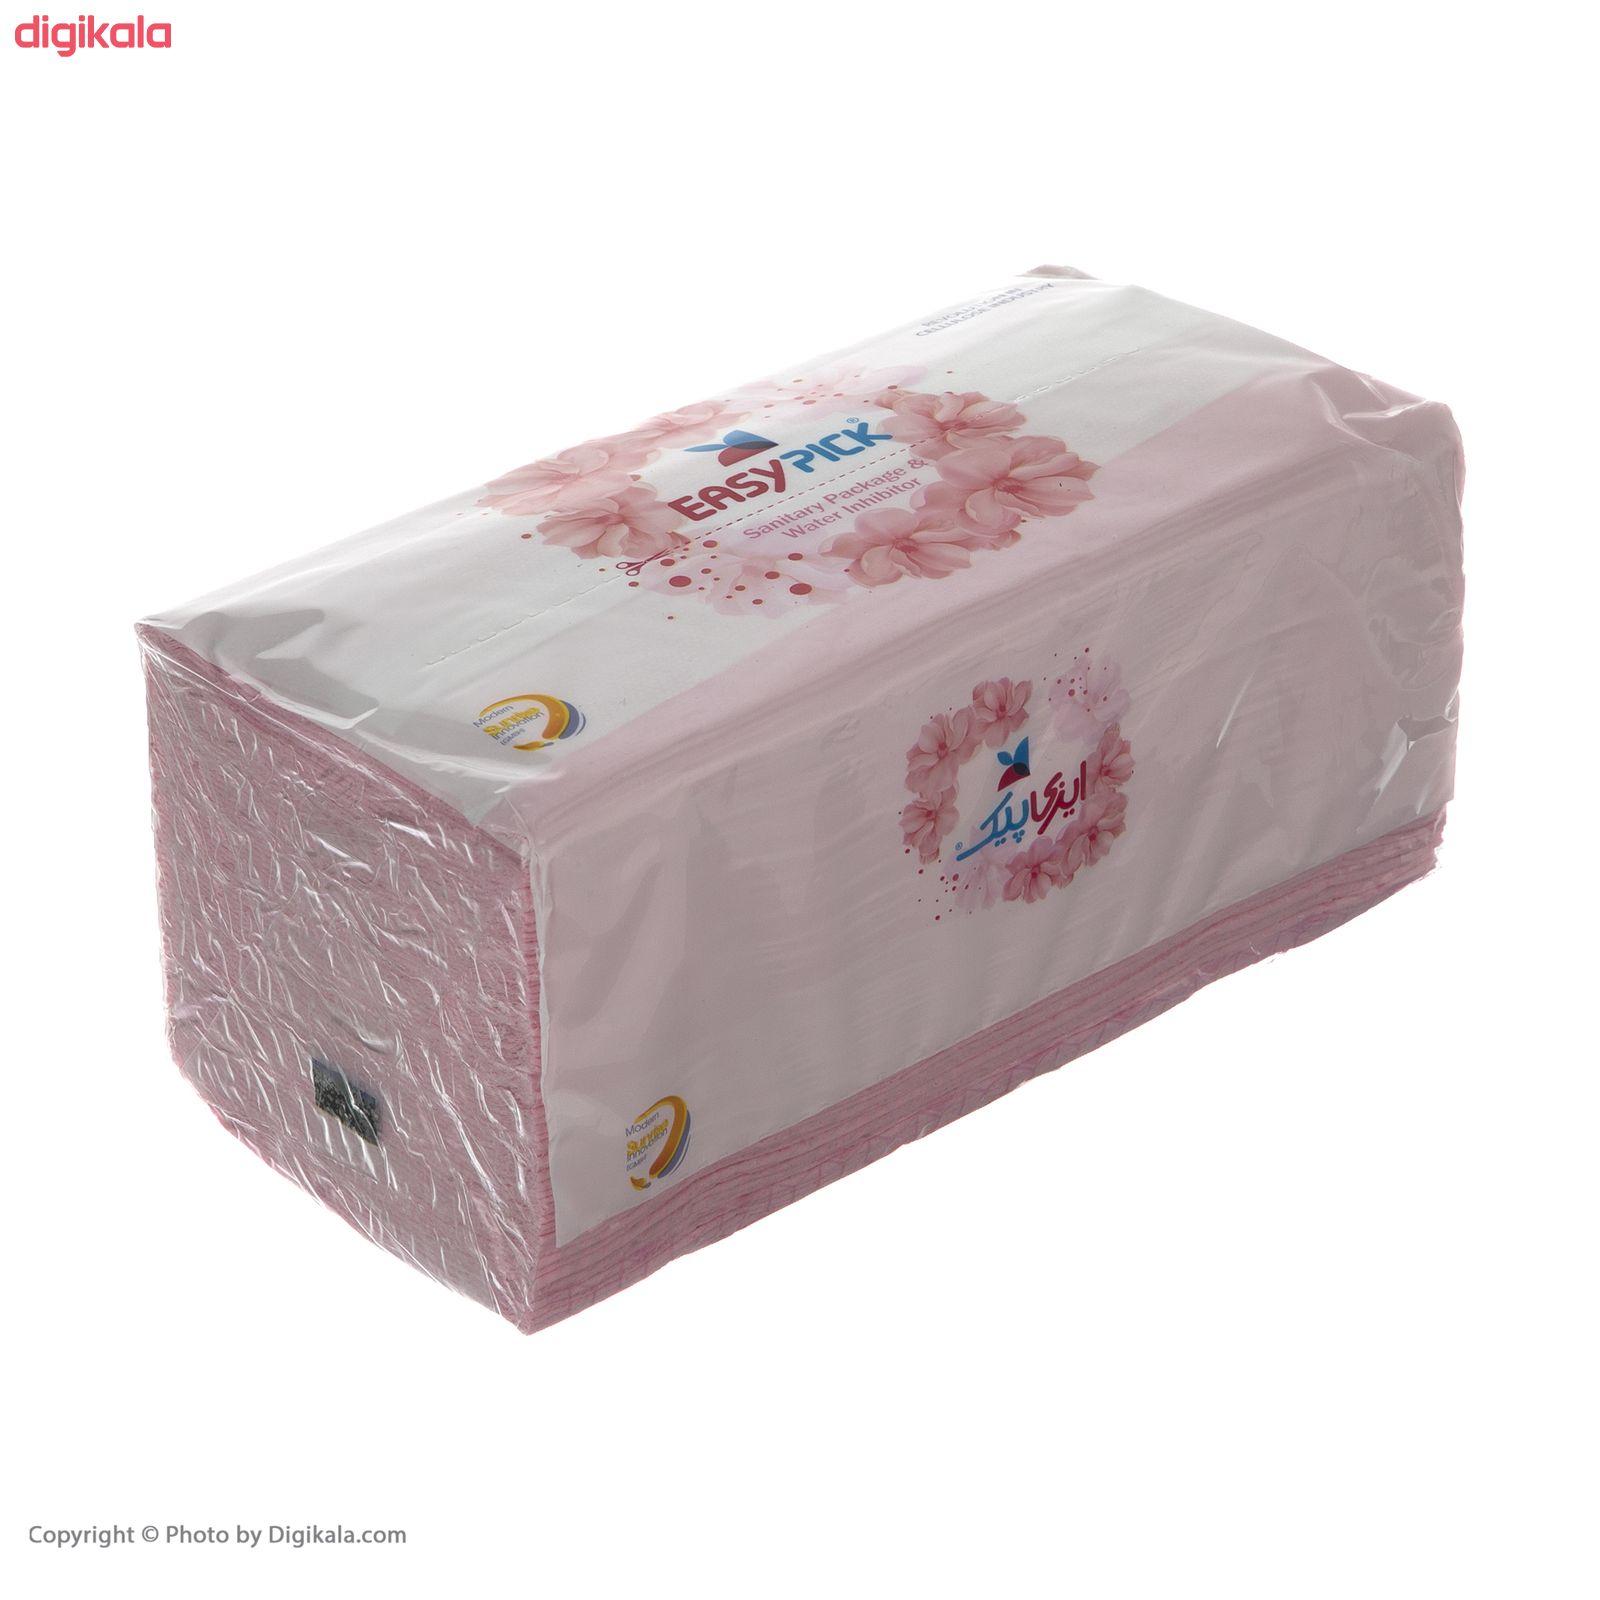 دستمال کاغذی 150 برگ ایزی پیک مدل Luxury بسته 8 عددی main 1 3